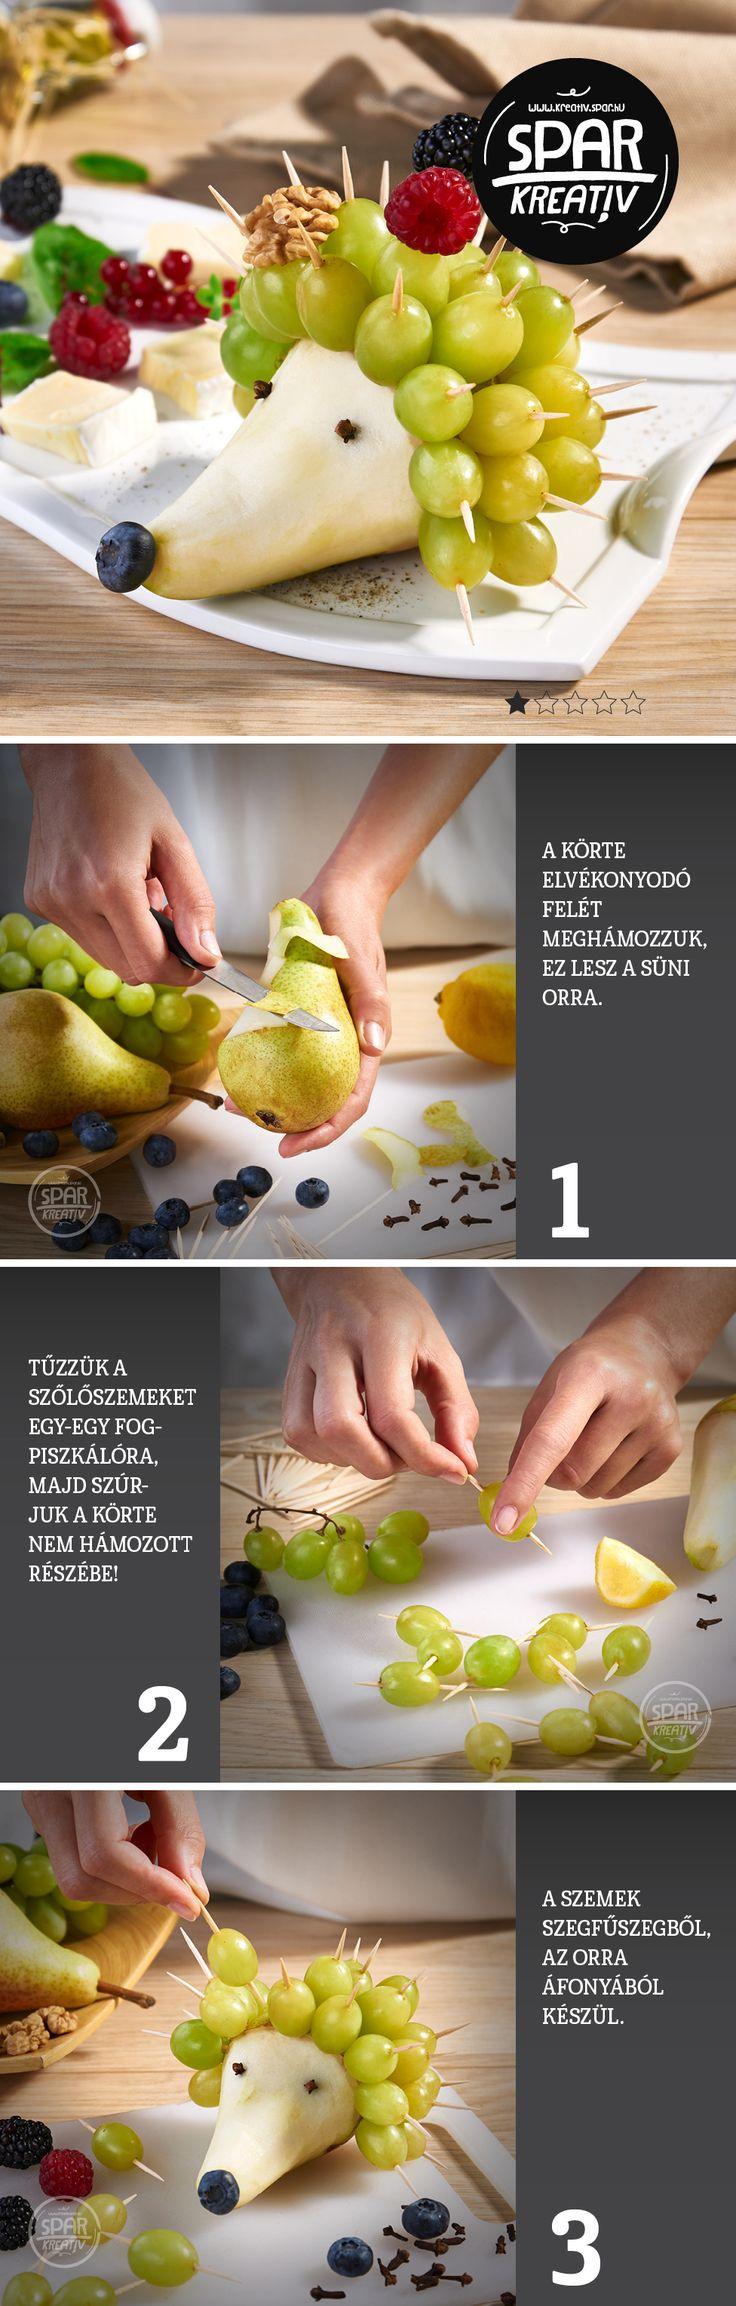 Sünicsemege:  Készítsünk süni formájú gyümölcskompozíciót! Mi kell hozzá? Körte, szőlő, áfonya, valamint szegfűszeg és egy csomag fogpiszkáló. Körtéből érdemes kicsit keményebbet választani, hogy a gyümölcshús jól megtartsa a fogpiszkálókat. Az élményt a kínálótálra helyezett sajtokkal és egyéb gyümölcsökkel fokozhatjuk.